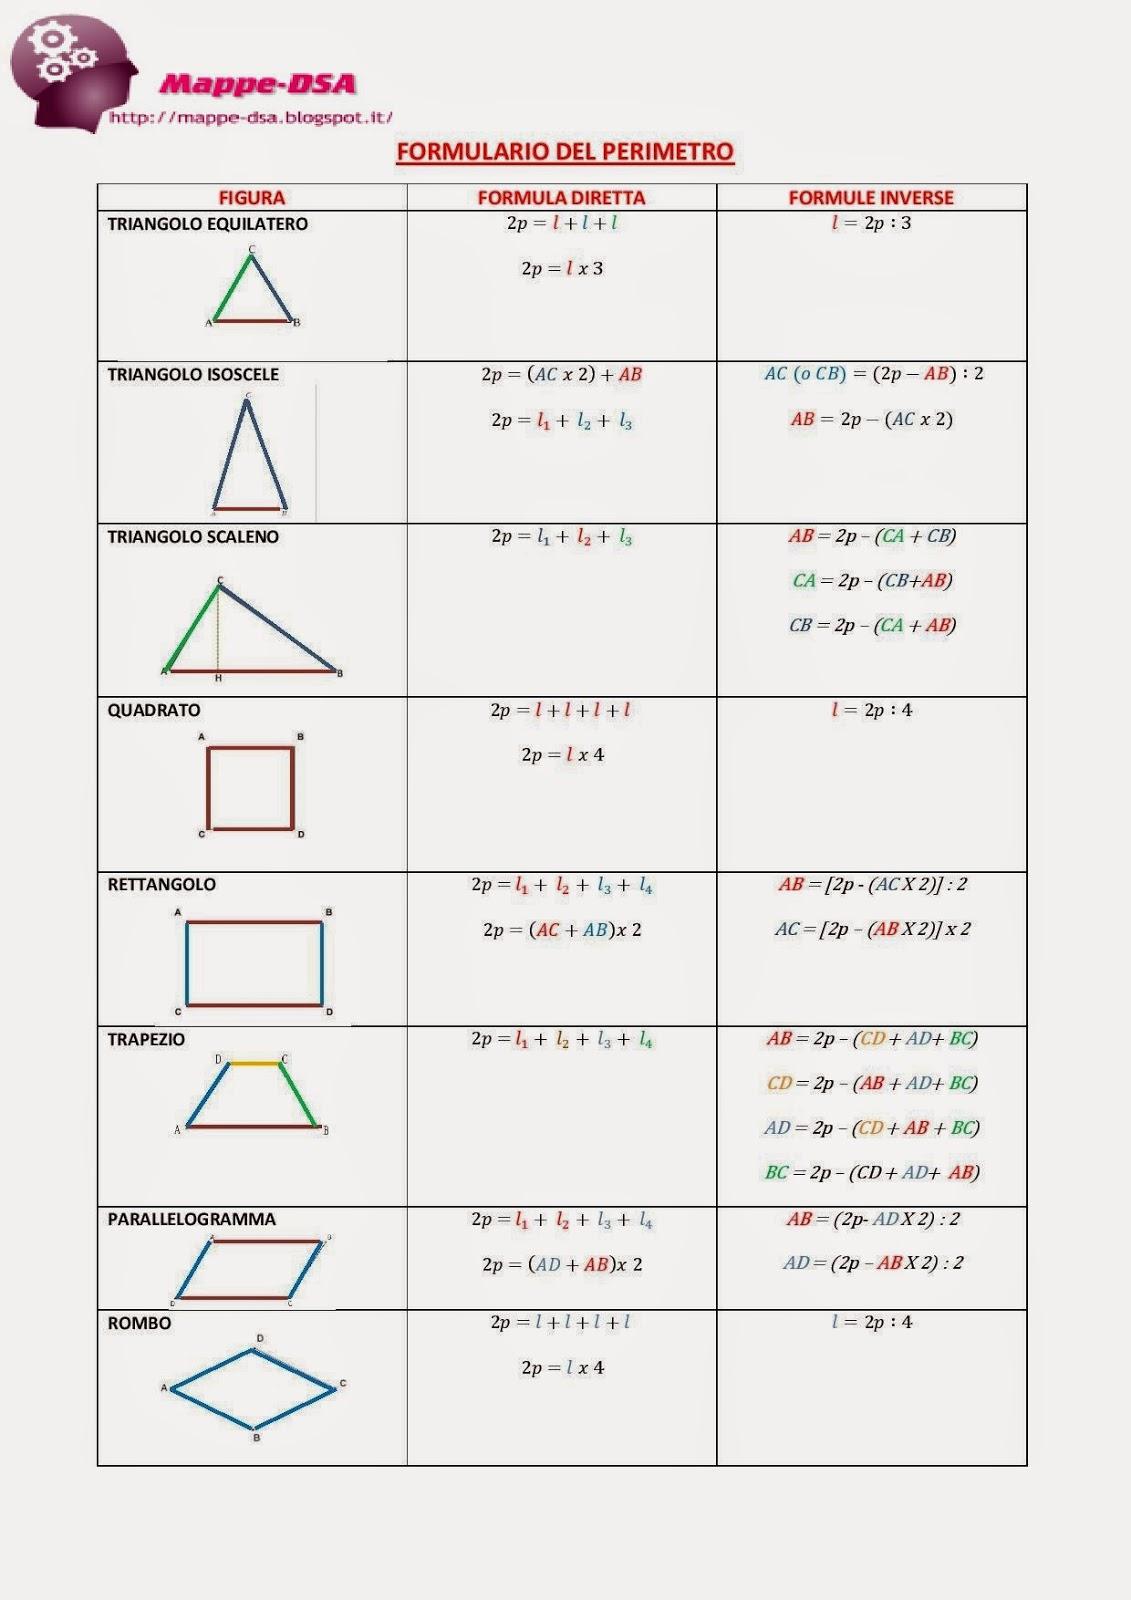 mappadsa schema dislessia discalculia matematica formulario perimetro